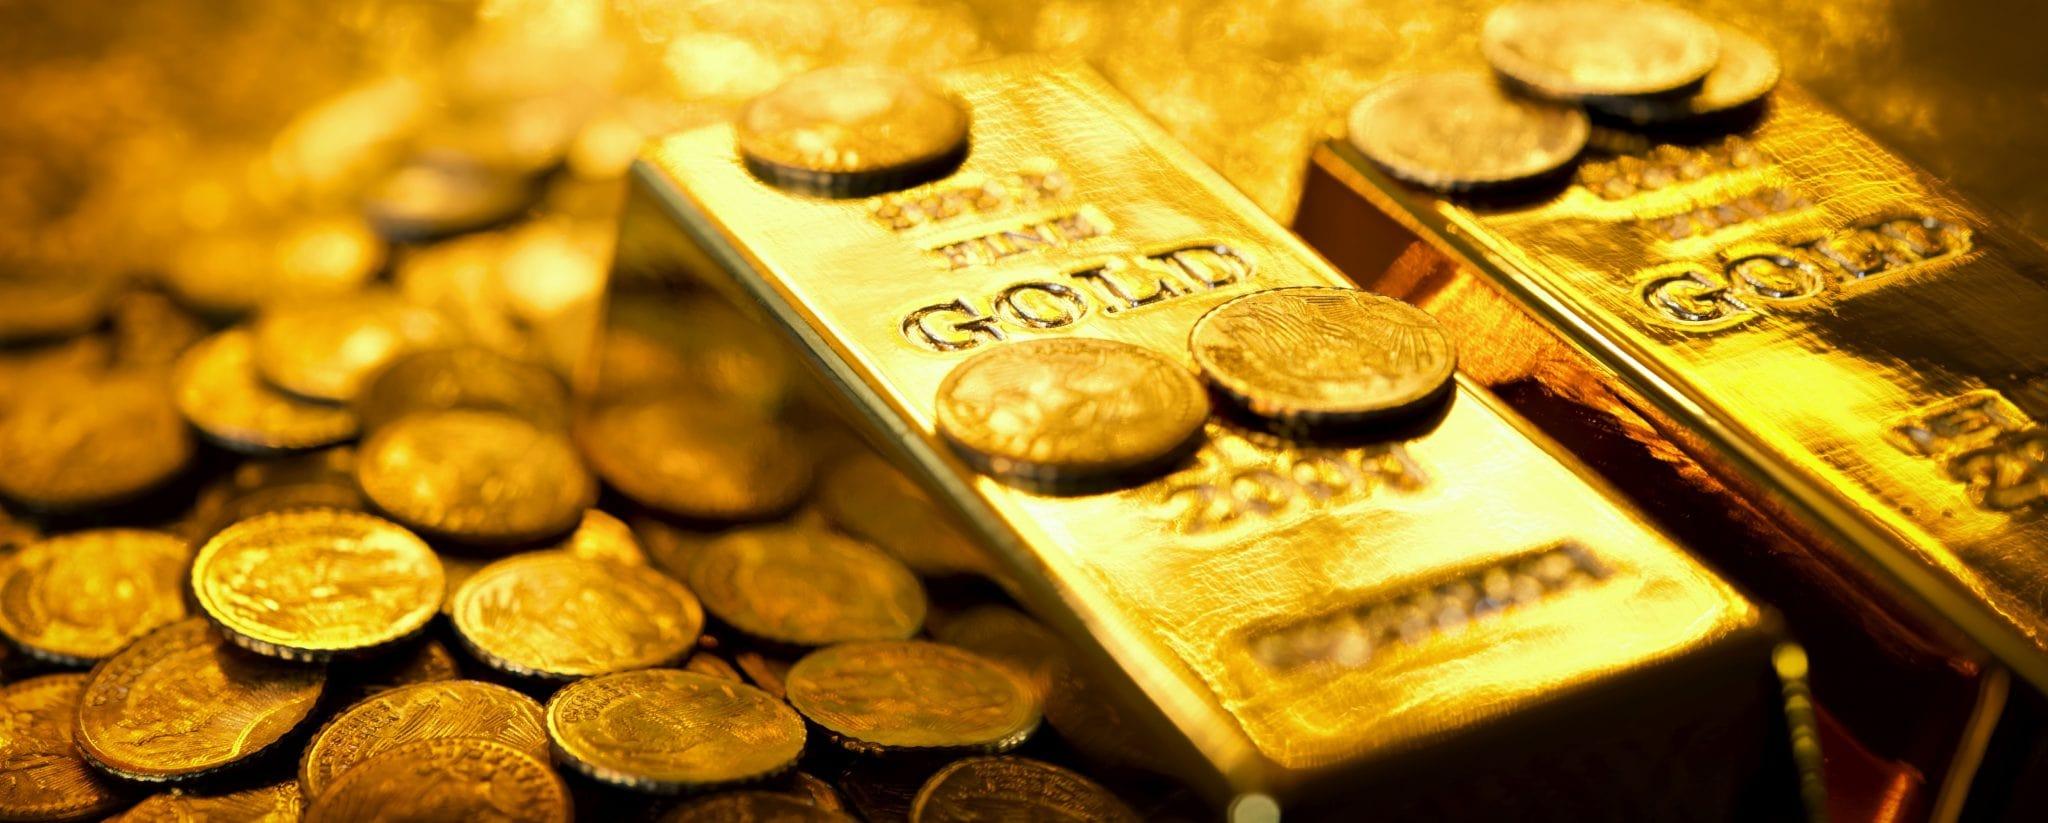 ریسک های بازار طلا و سکه با شروع ریاست جمهوری بایدن